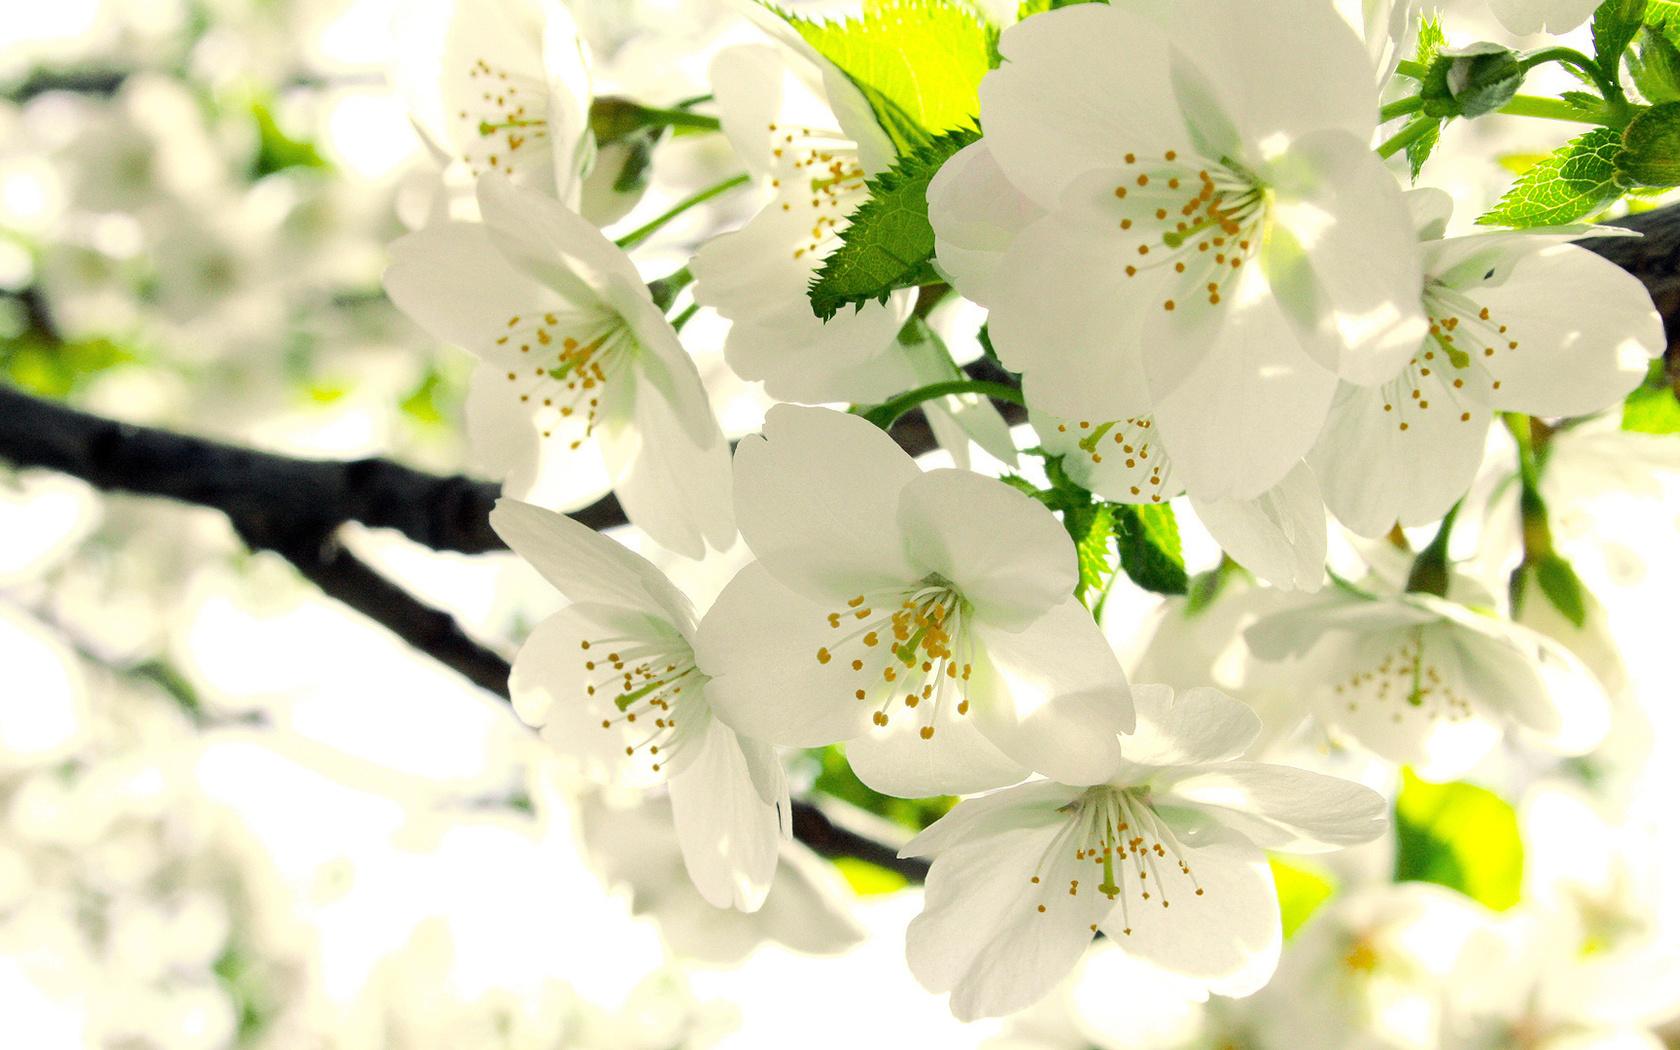 цветение, Яблоня, бутоны, ветка, листья, белые, весна